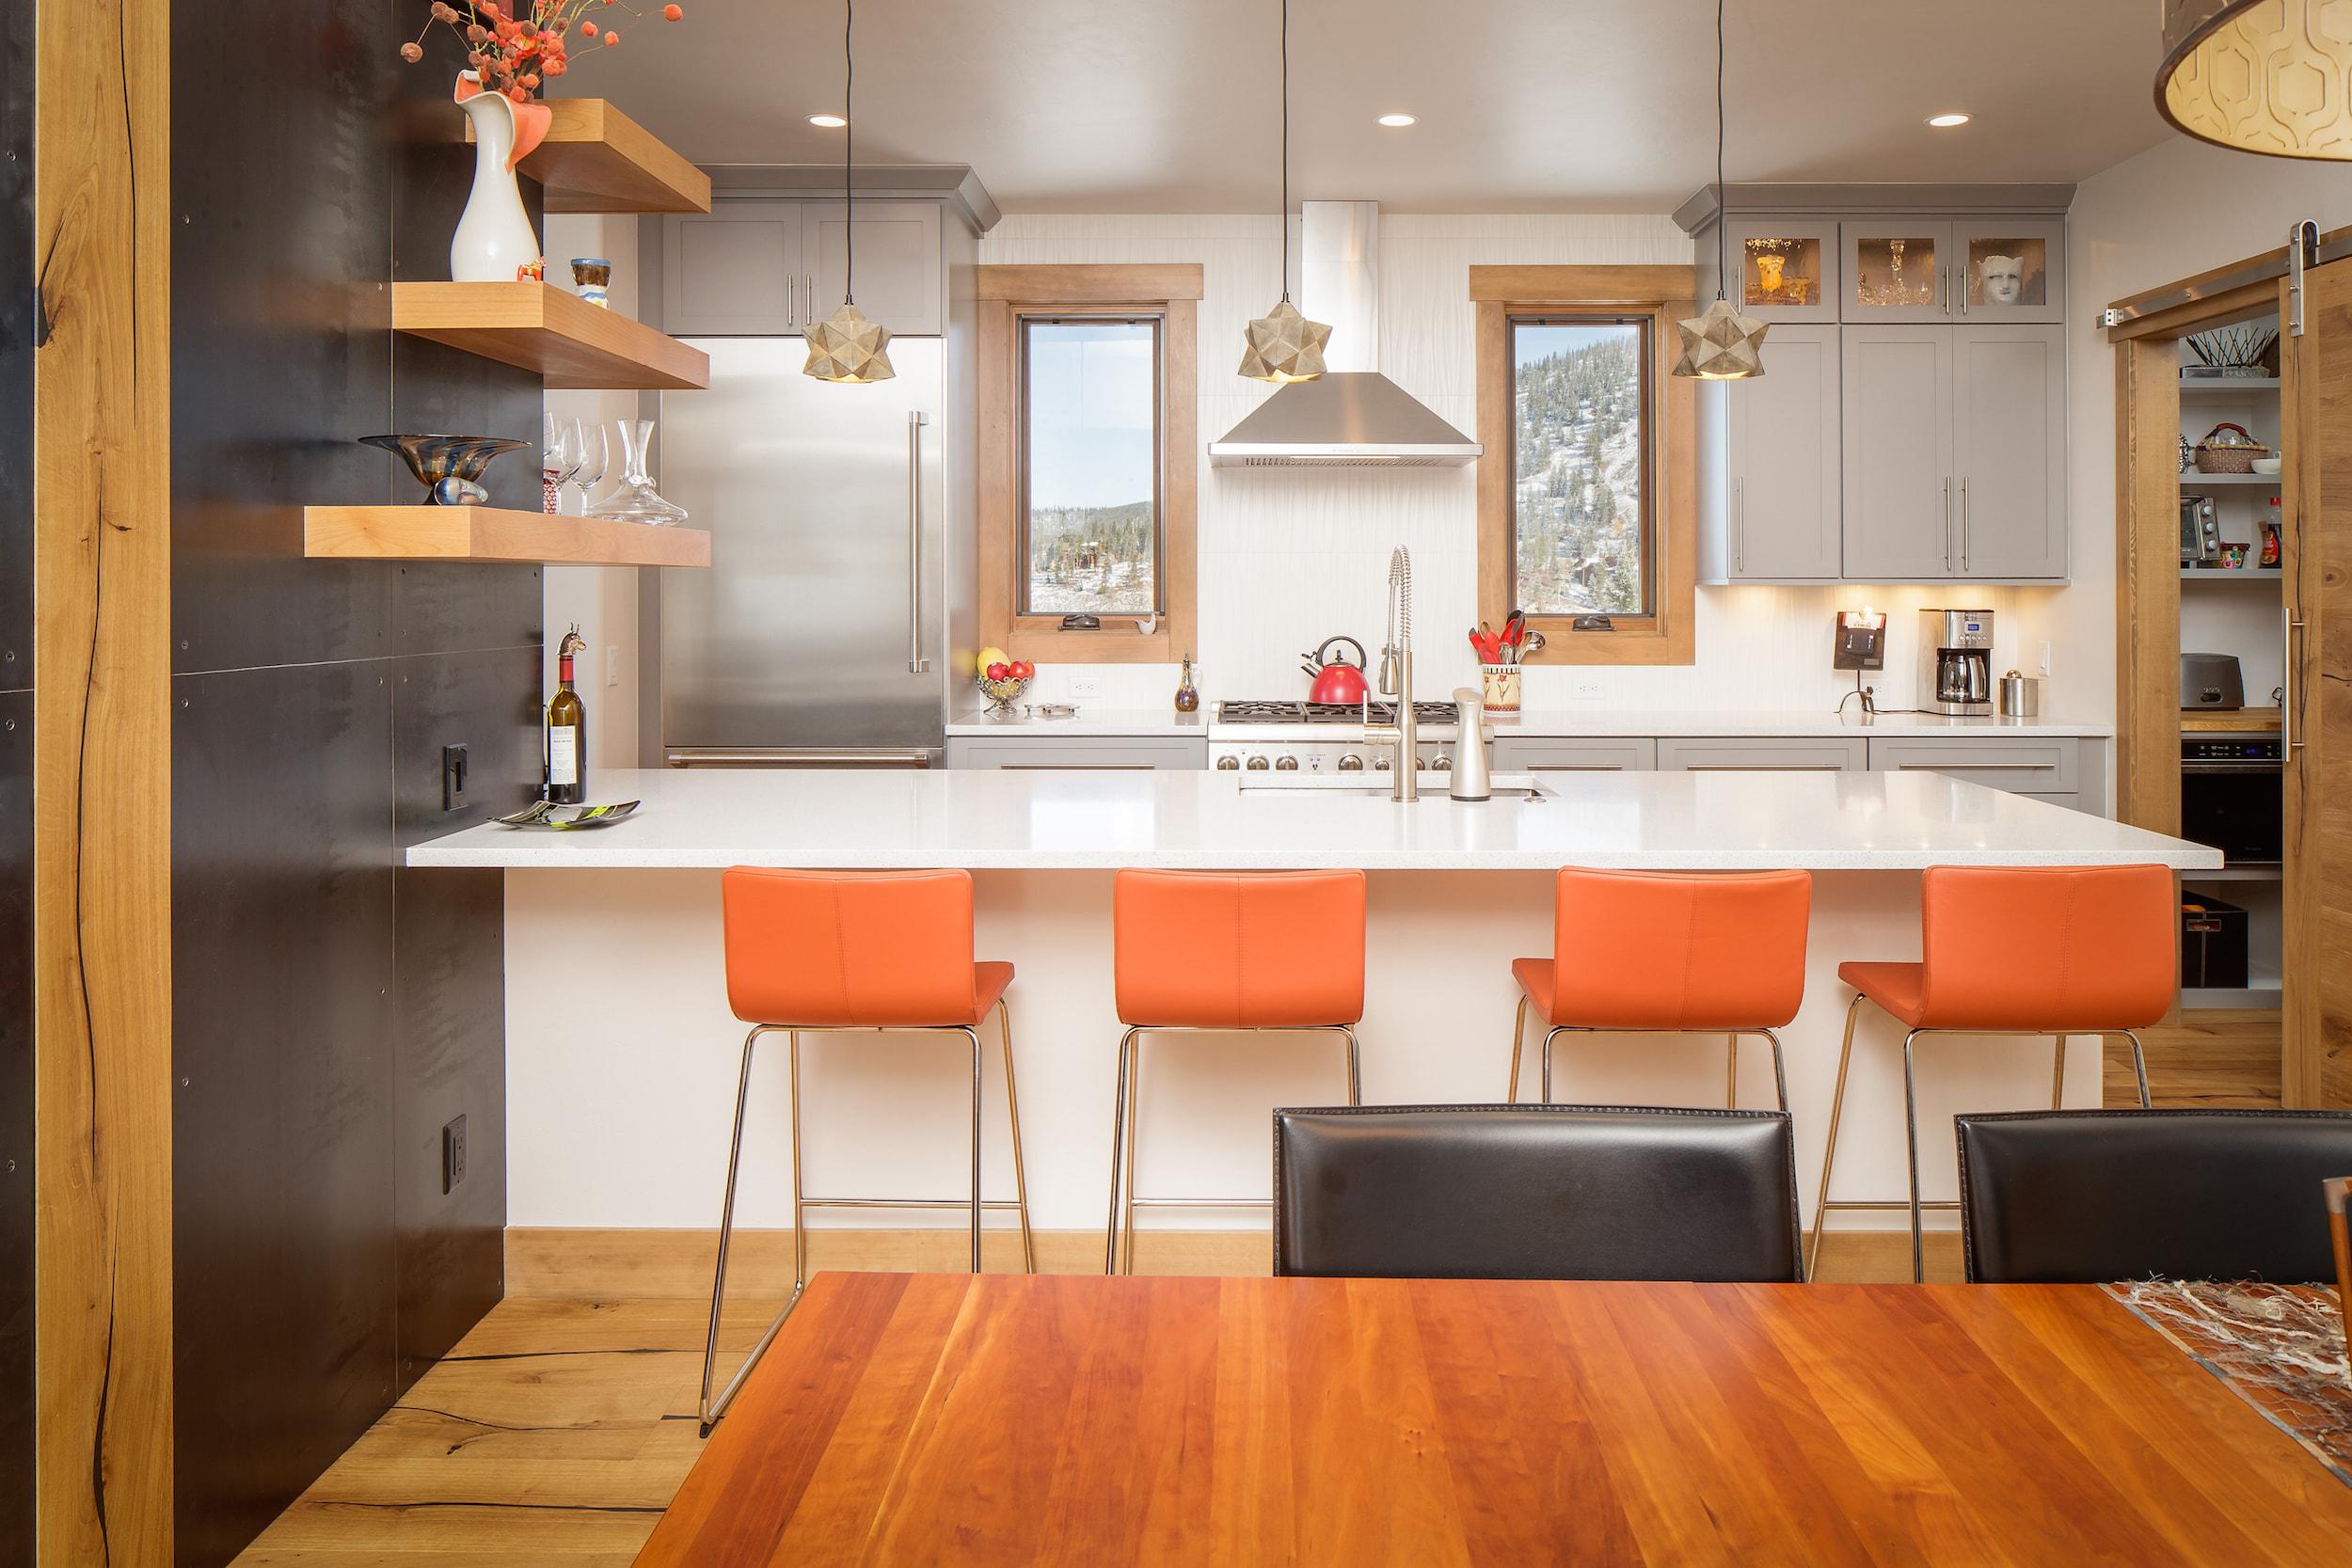 Breckenridge Highlands Kitchen Island